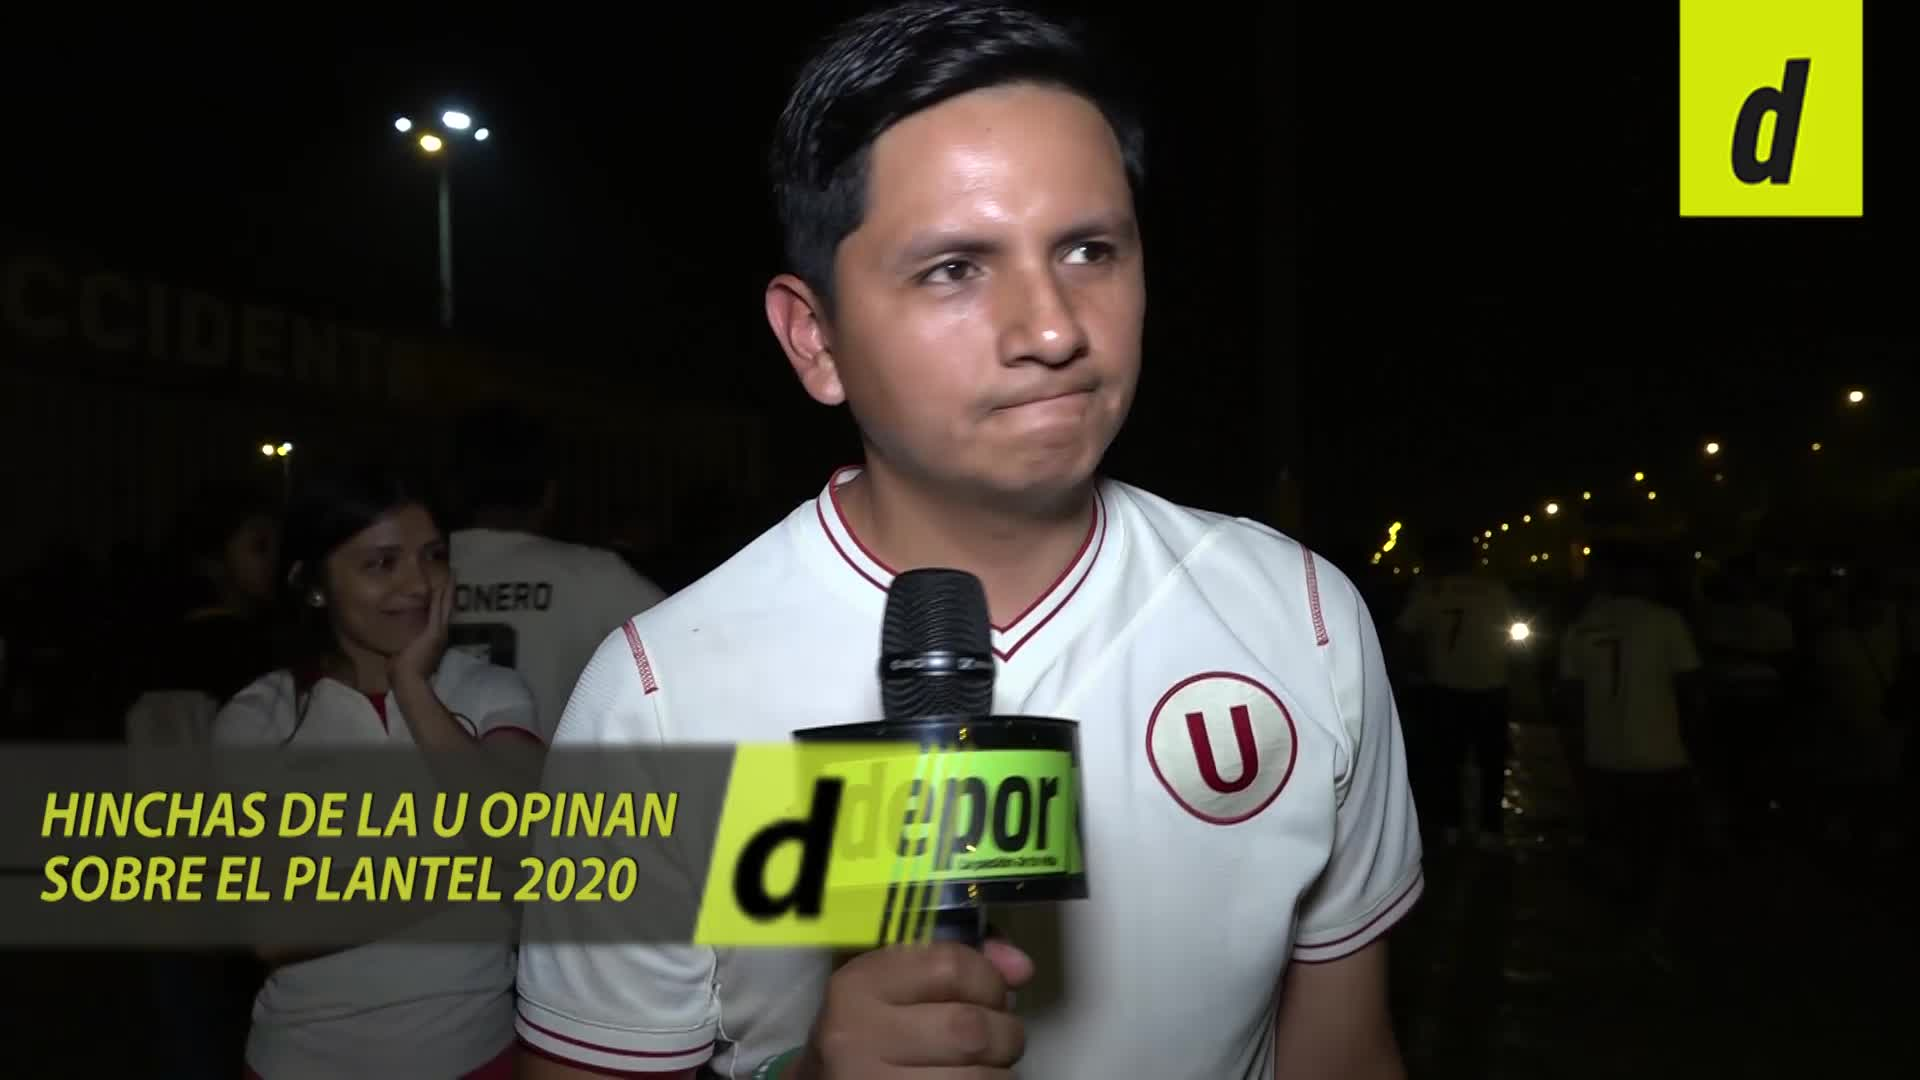 La reacción de los hinchas de Universitario tras la derrota en la Noche Crema